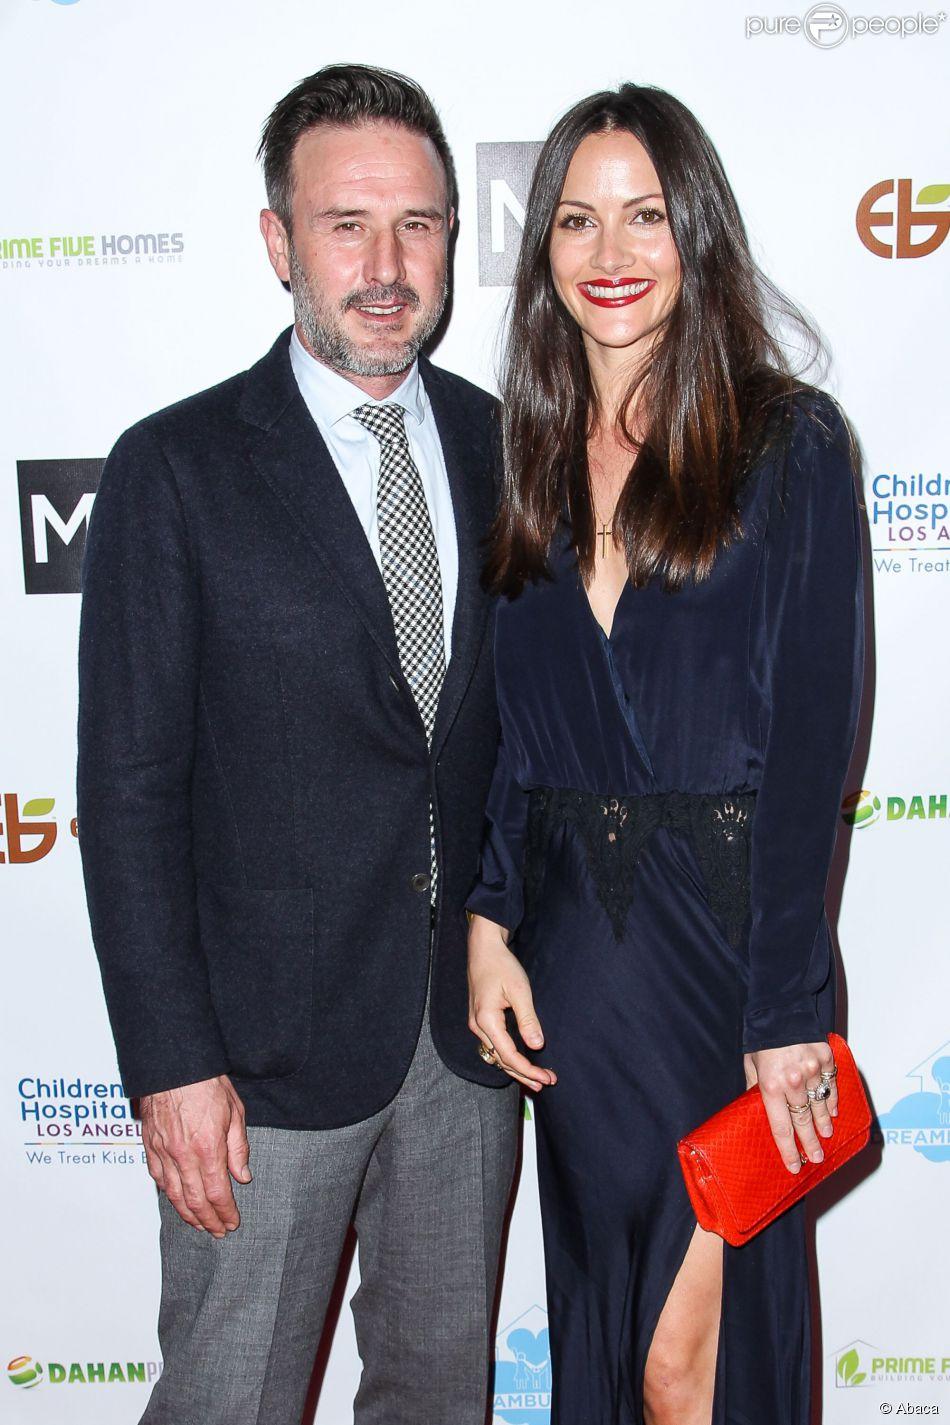 David Arquette et Christina McLarty à Los Angeles le 5 mars 2015 à Los Angeles.